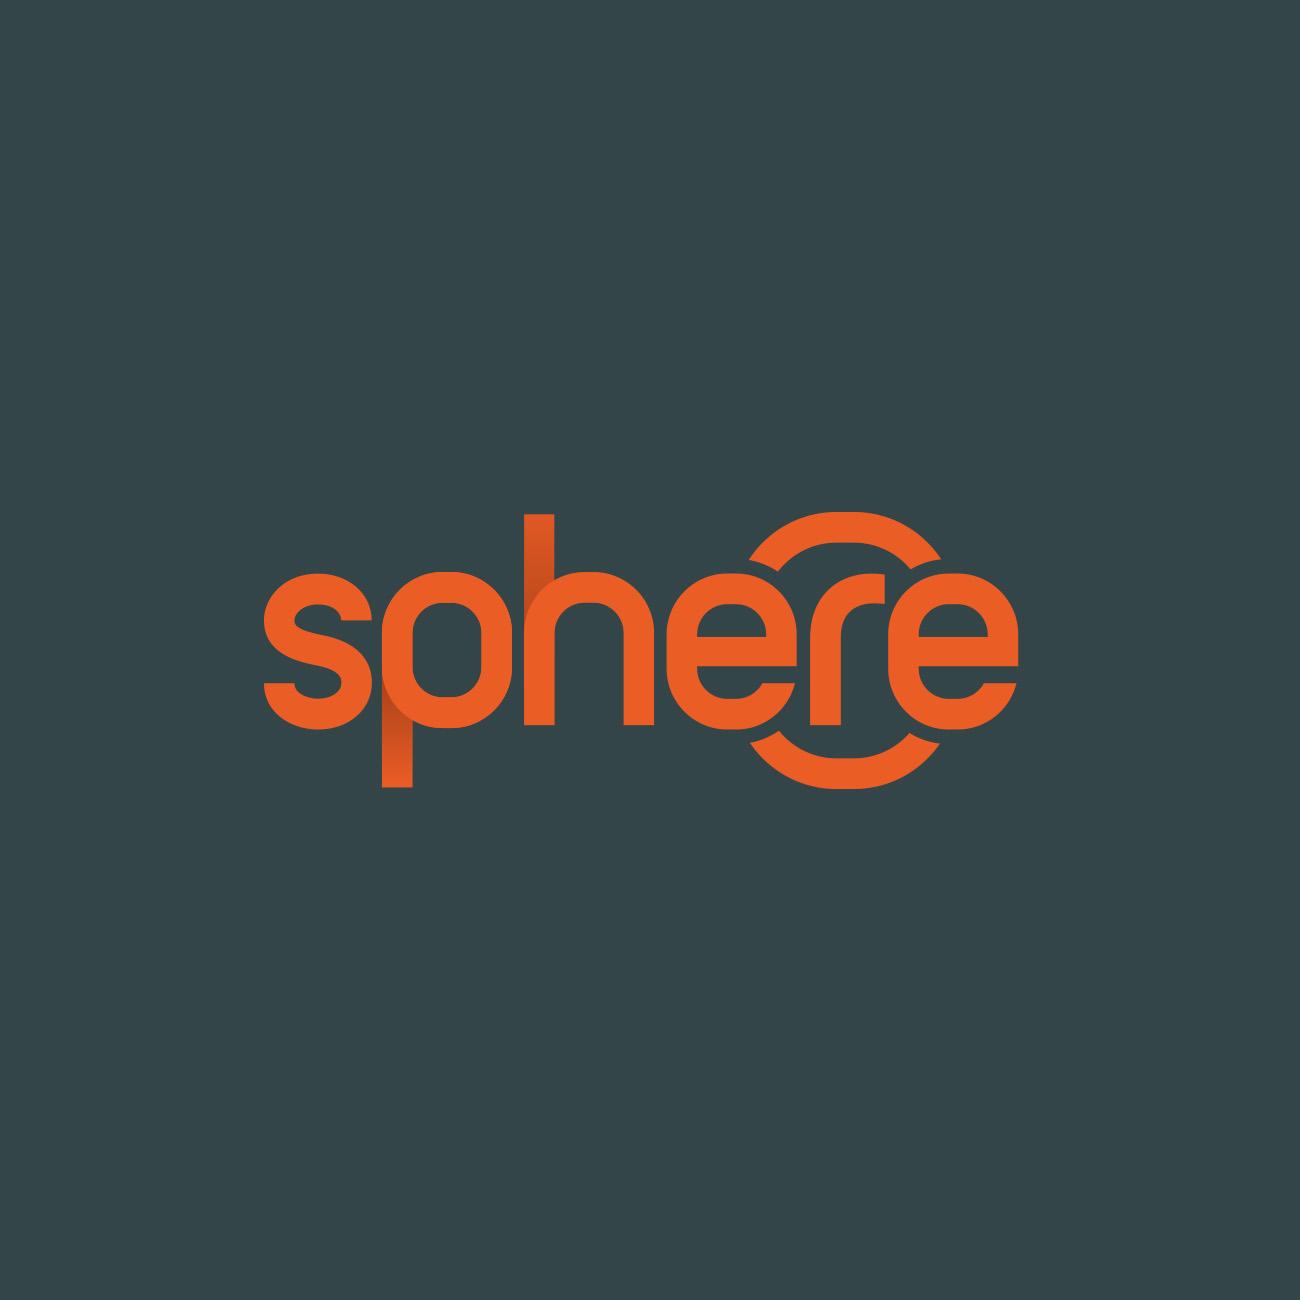 sphere_1300x1300px_ORANGE